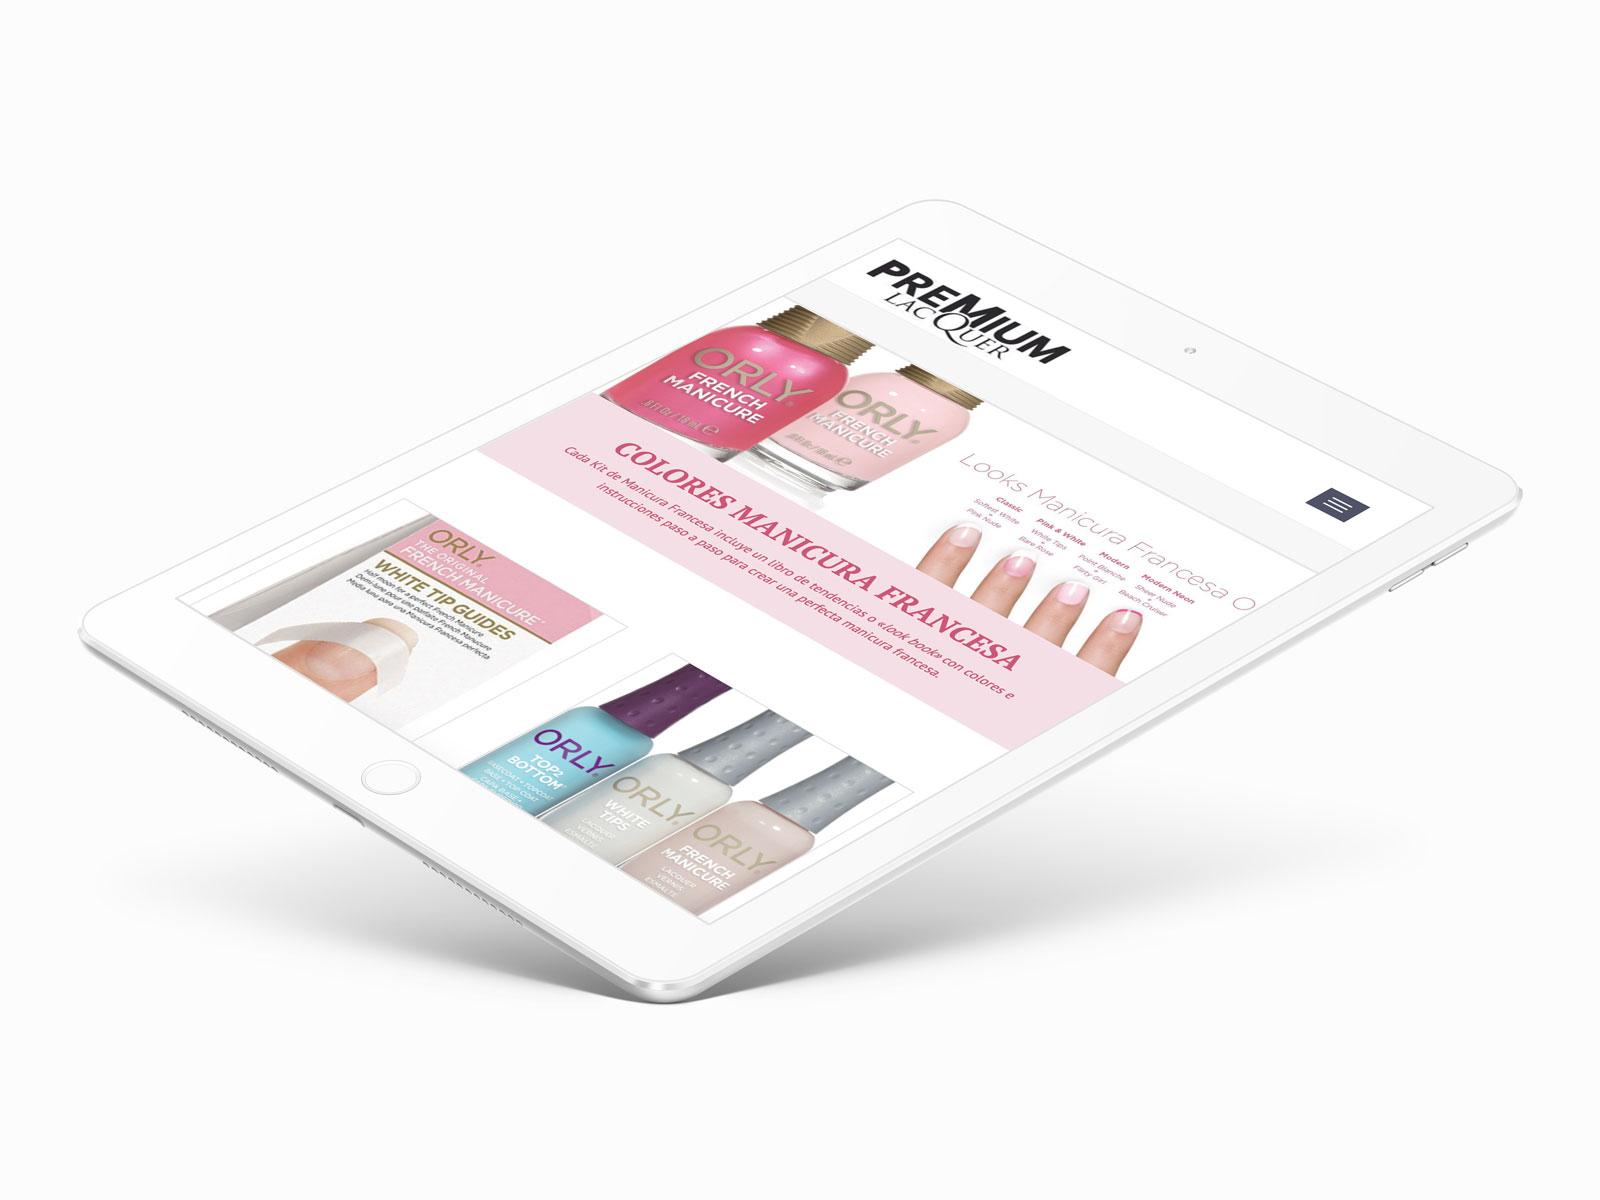 iPad-premiumlacquer